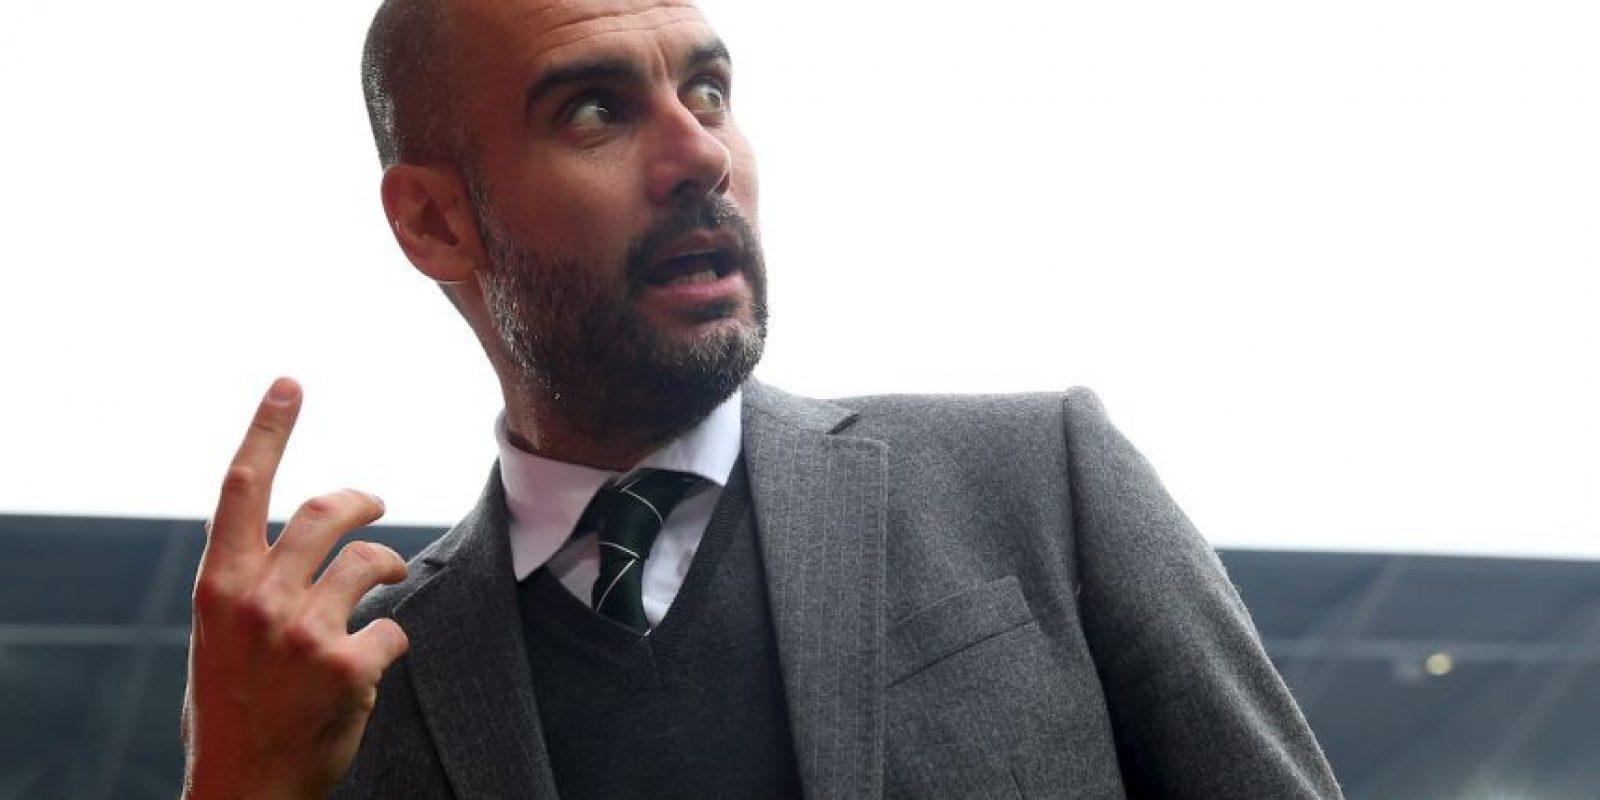 El entrenador trató de controlar sus emociones practicando otro deporte. Sí, con la pelota de fútbol se puso a jugar básquetbol. Foto:Getty Images